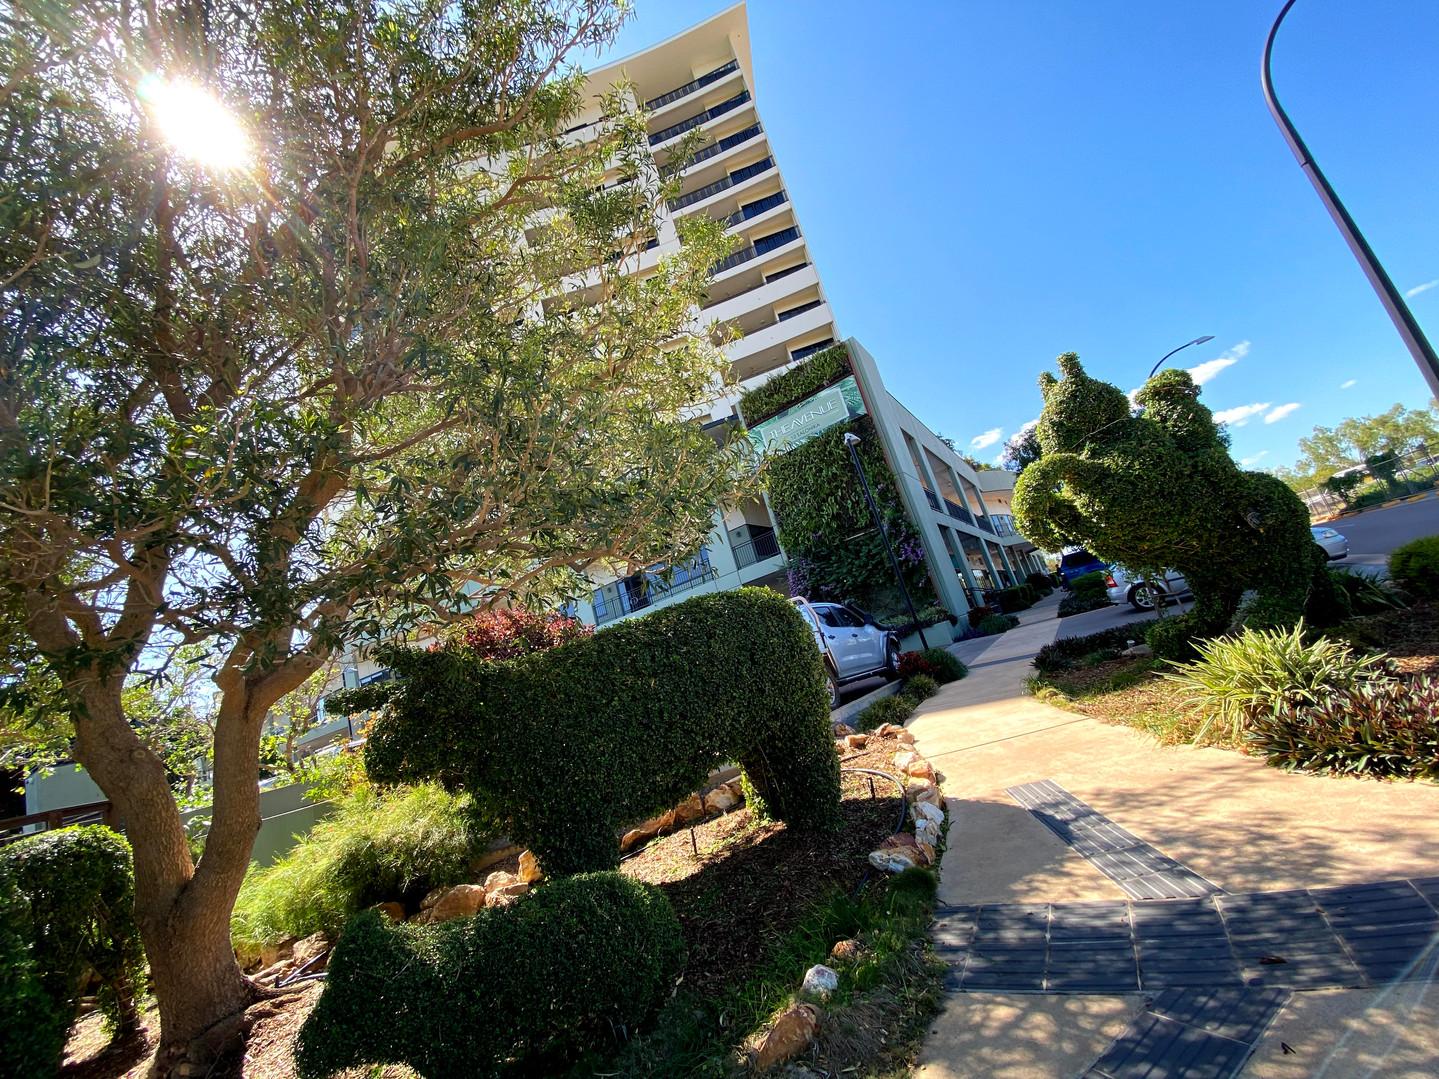 The Avenue Darwin Topiary